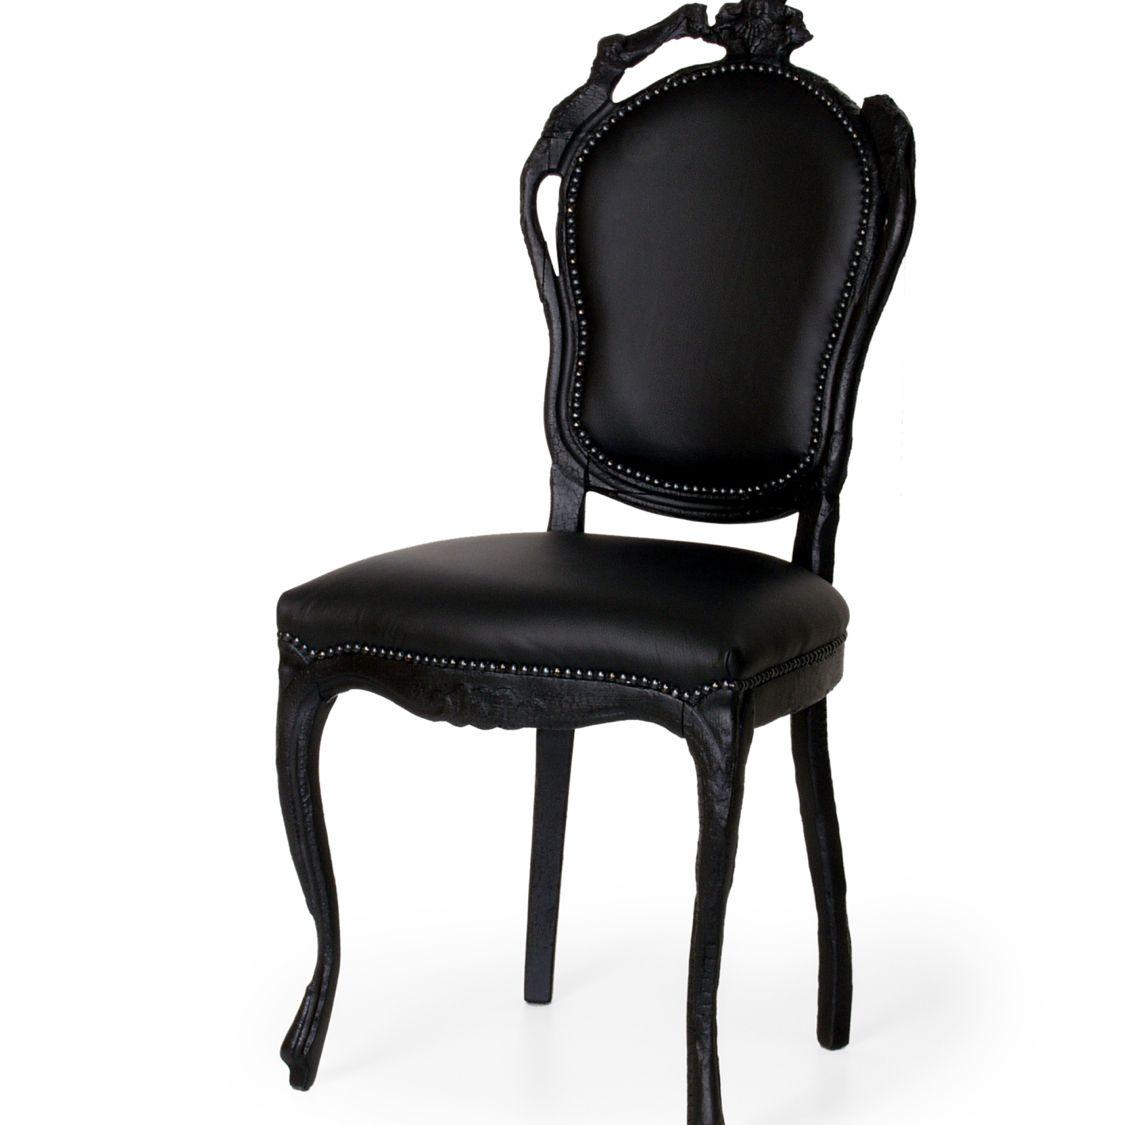 Maarten Bass Smoke series chair